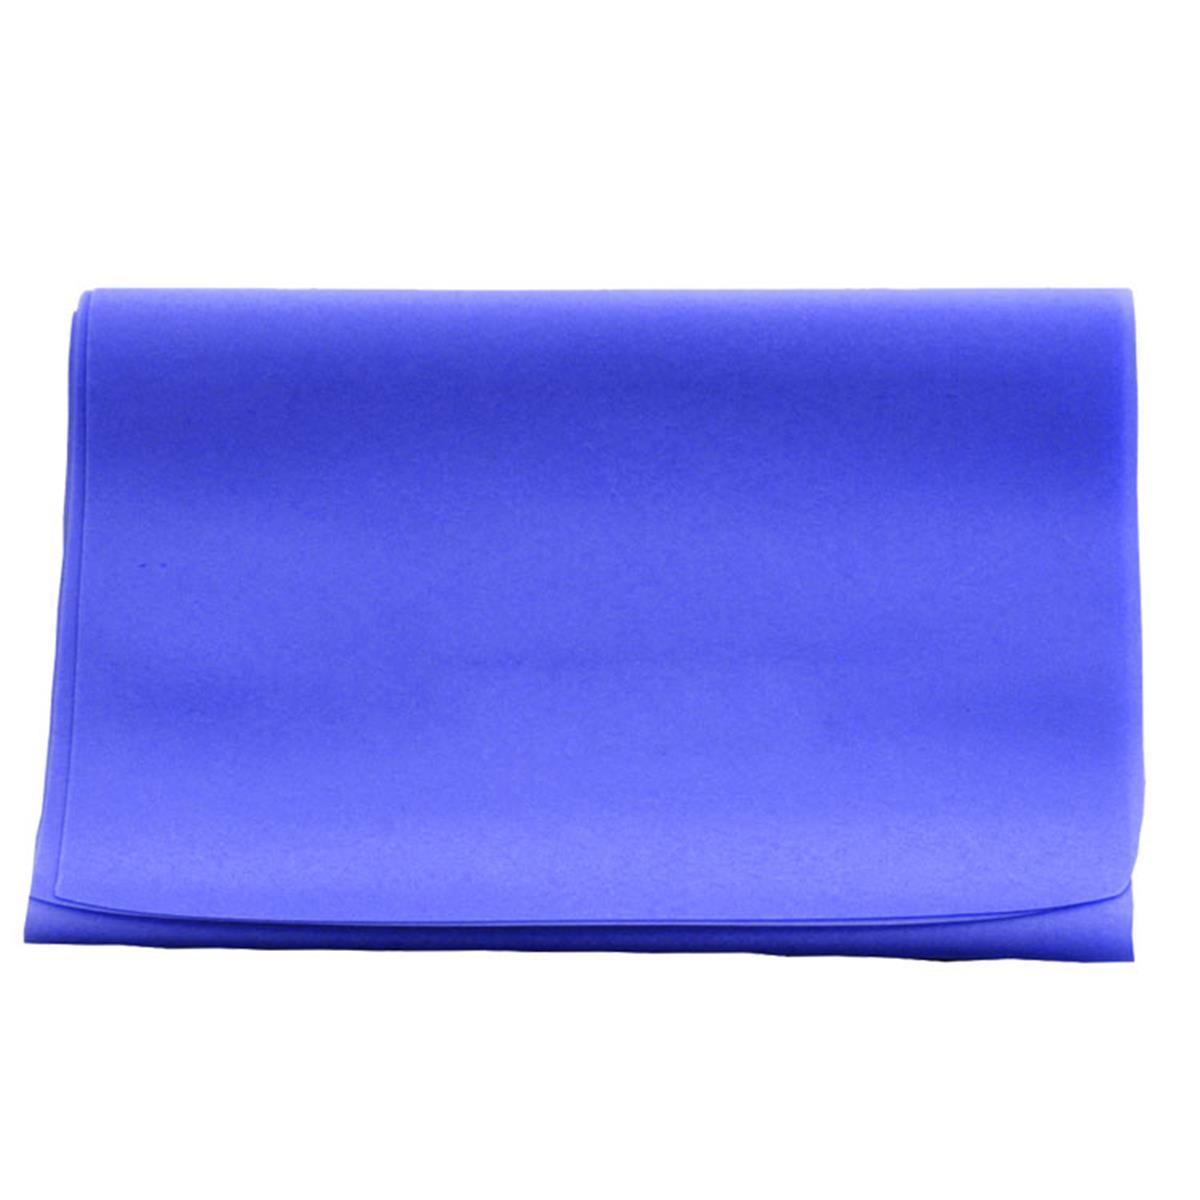 Faixa Elástica Carci Band - Azul Médio Forte - 1,5M - Exercícios E Fisioterapia